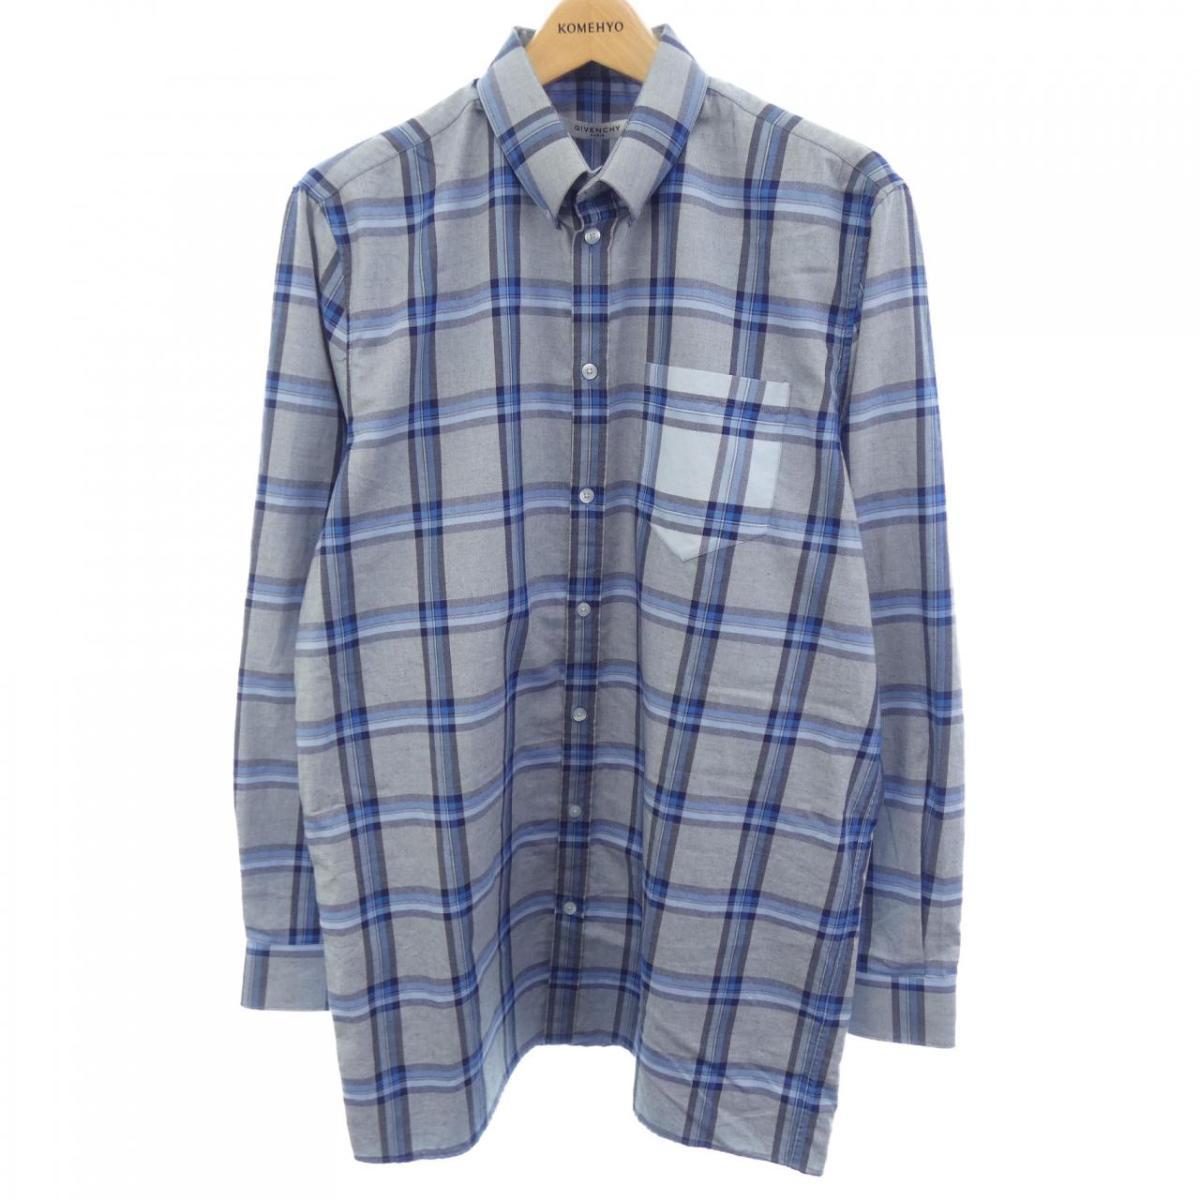 ジバンシー GIVENCHY シャツ 中古 最安値 人気海外一番